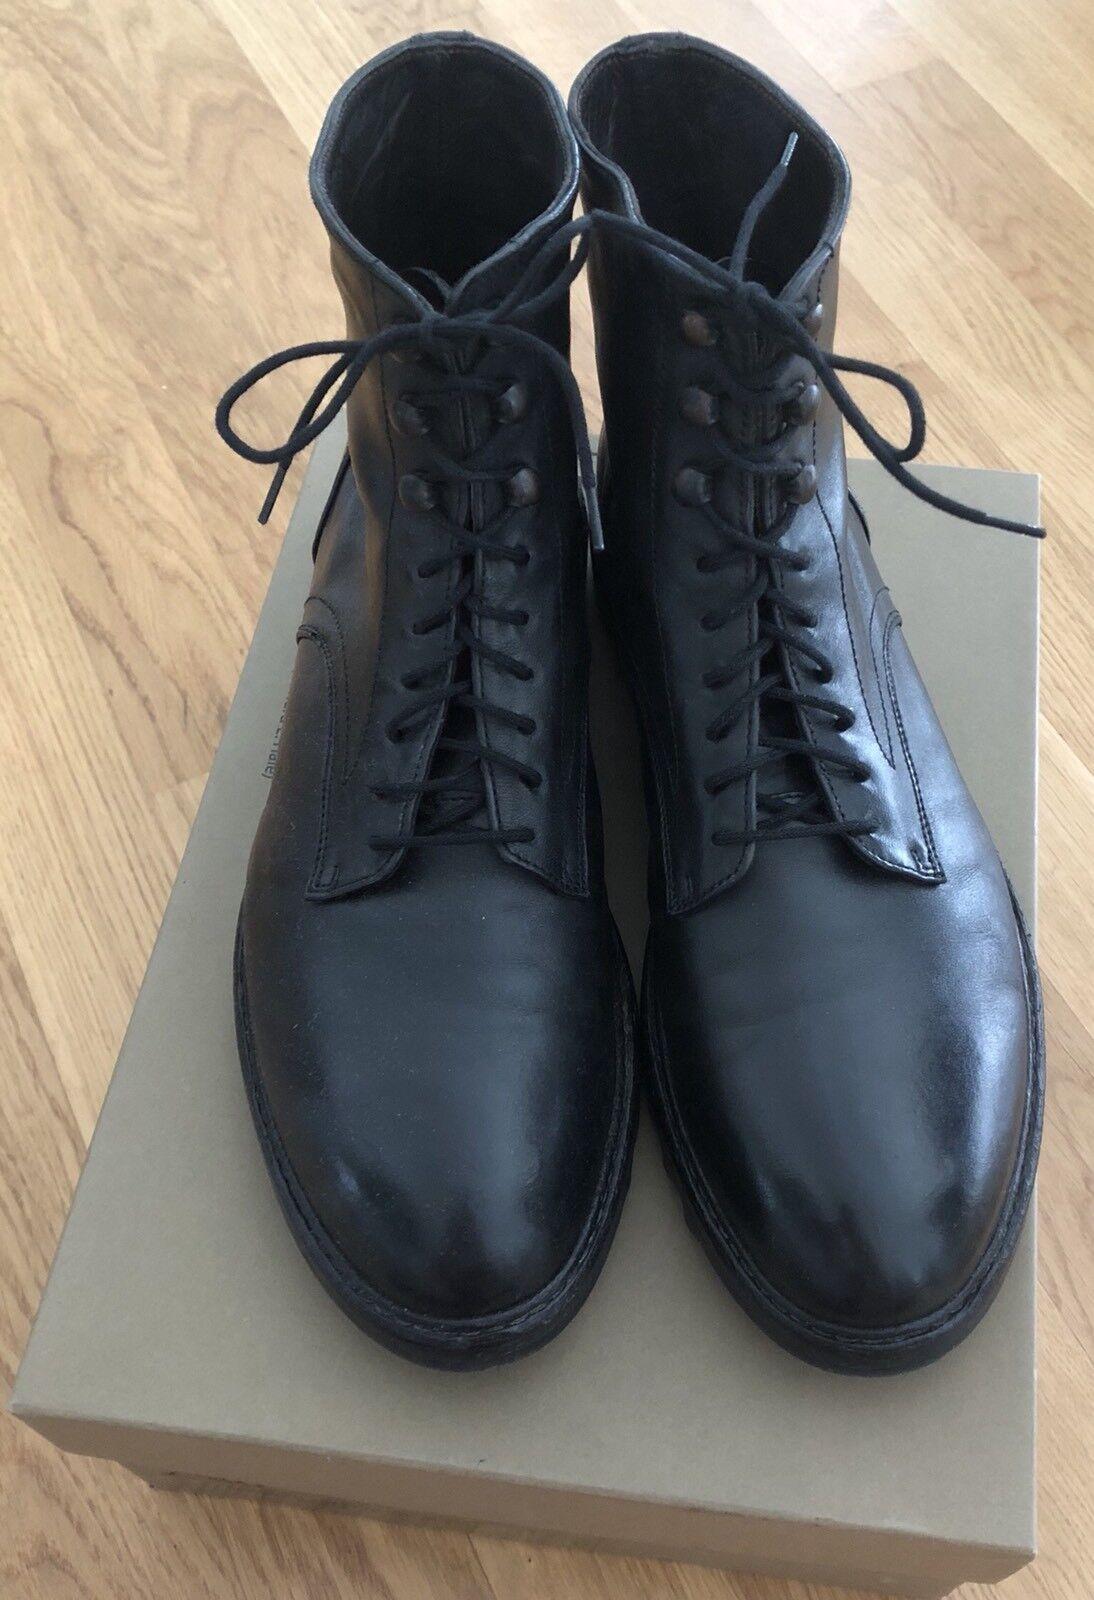 huge discount 08c30 092df Shoto Herren Echtleder Schuhe/Boots/Stiefel-44 (29.5 Italy ...